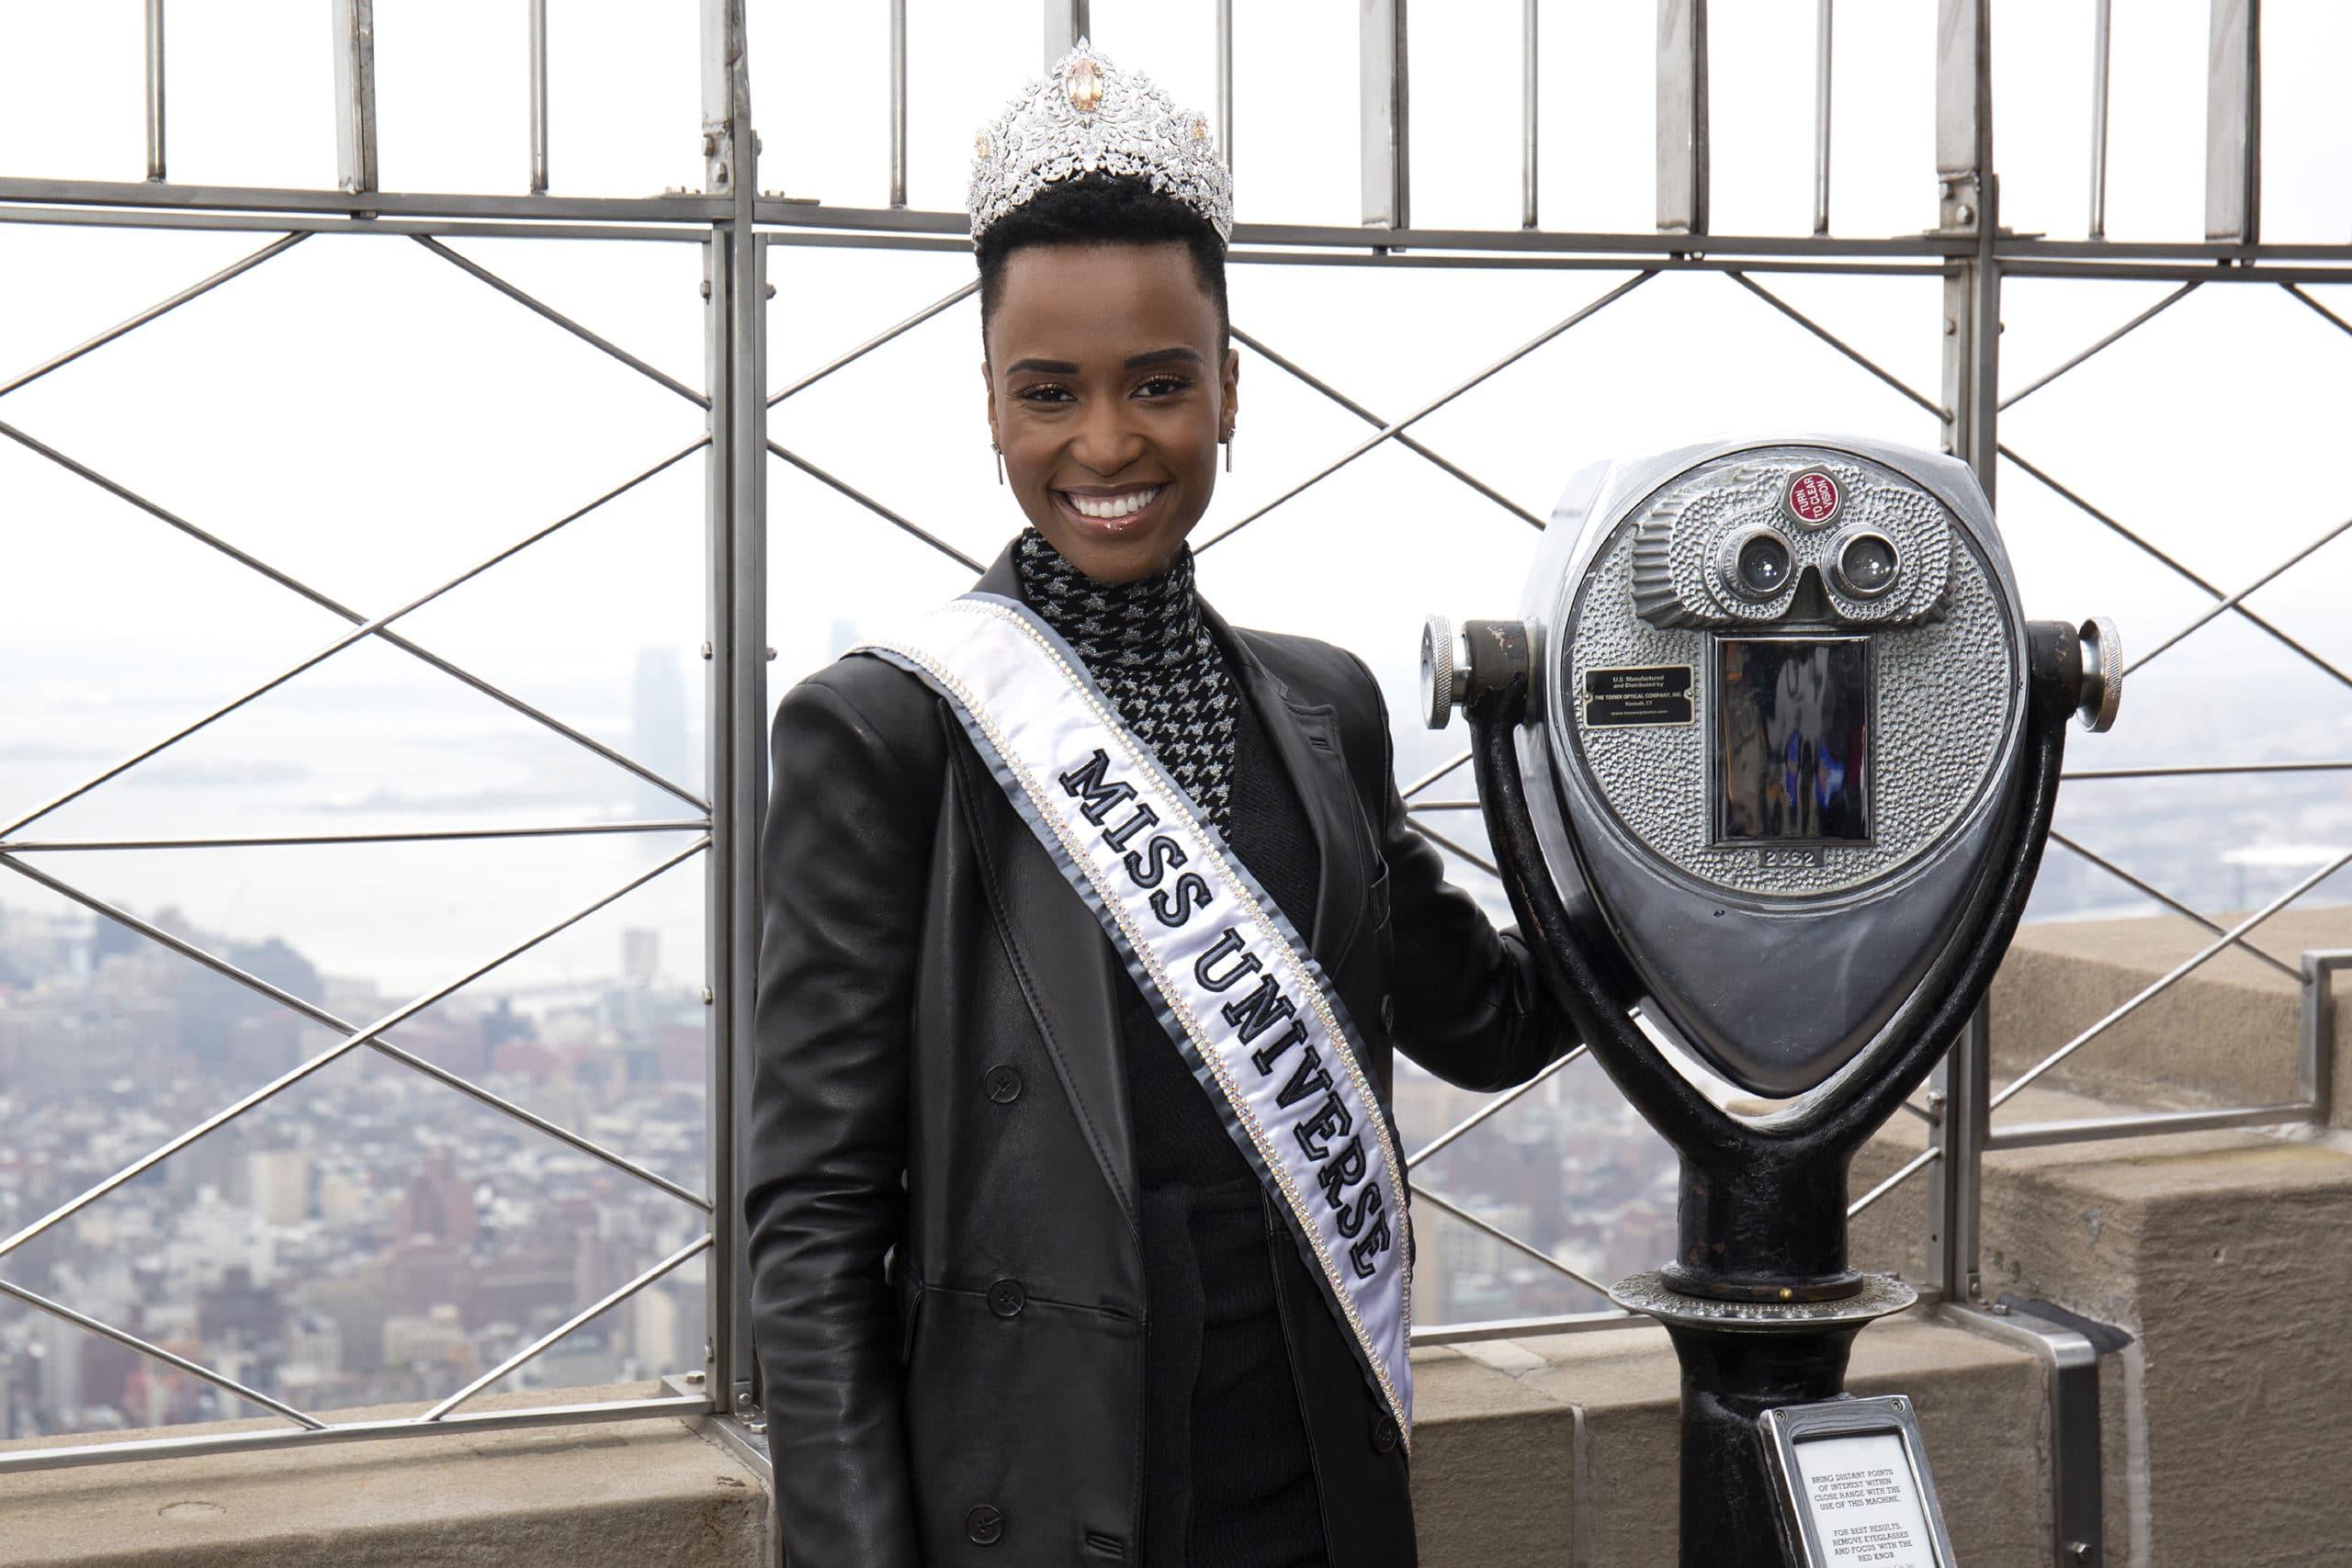 Empire State Building Hosts Miss Universe 2019 Zozibini Tunzi